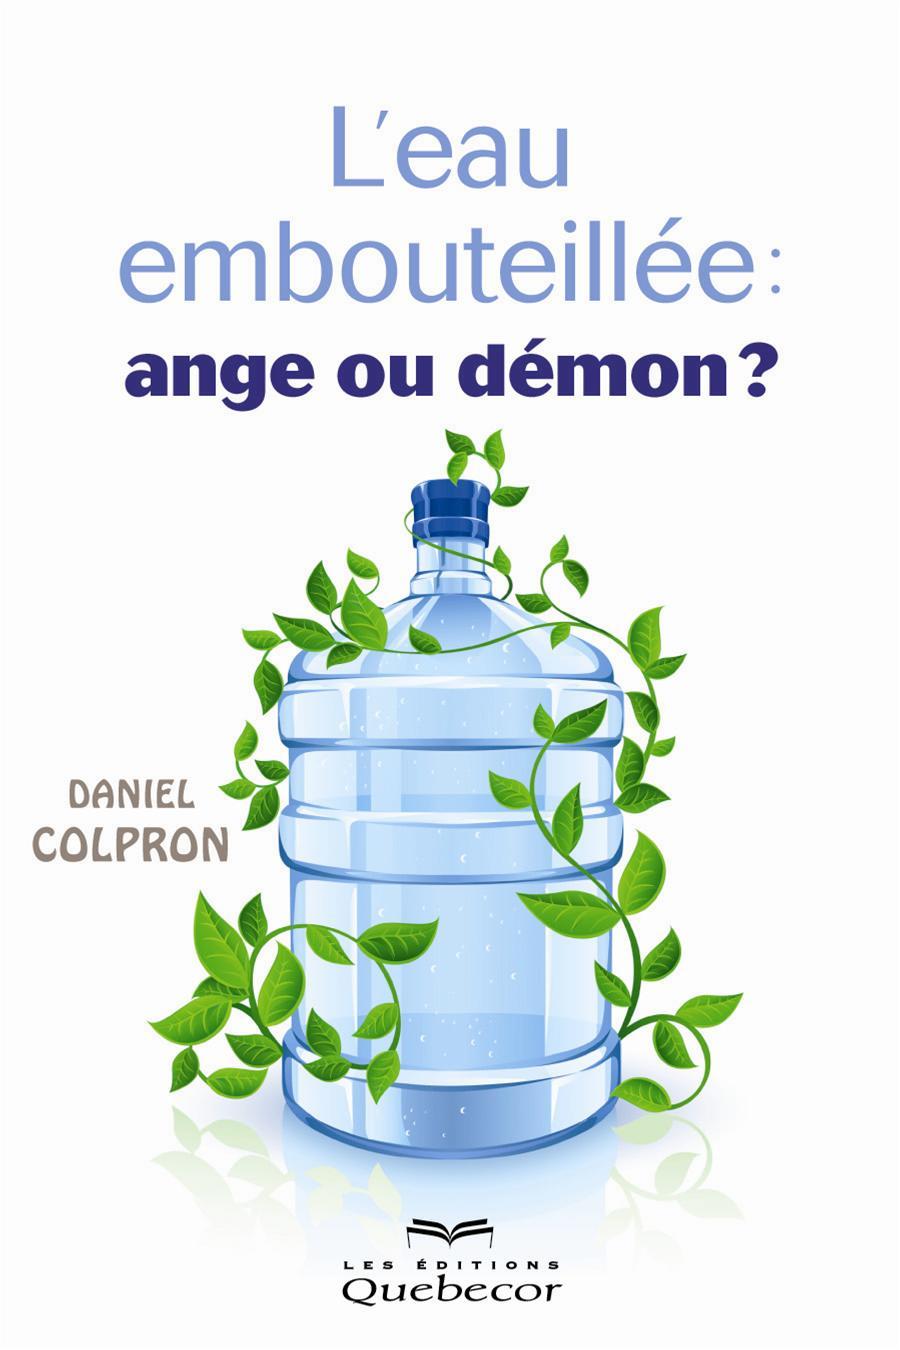 L'eau embouteillée: ange ou démon?